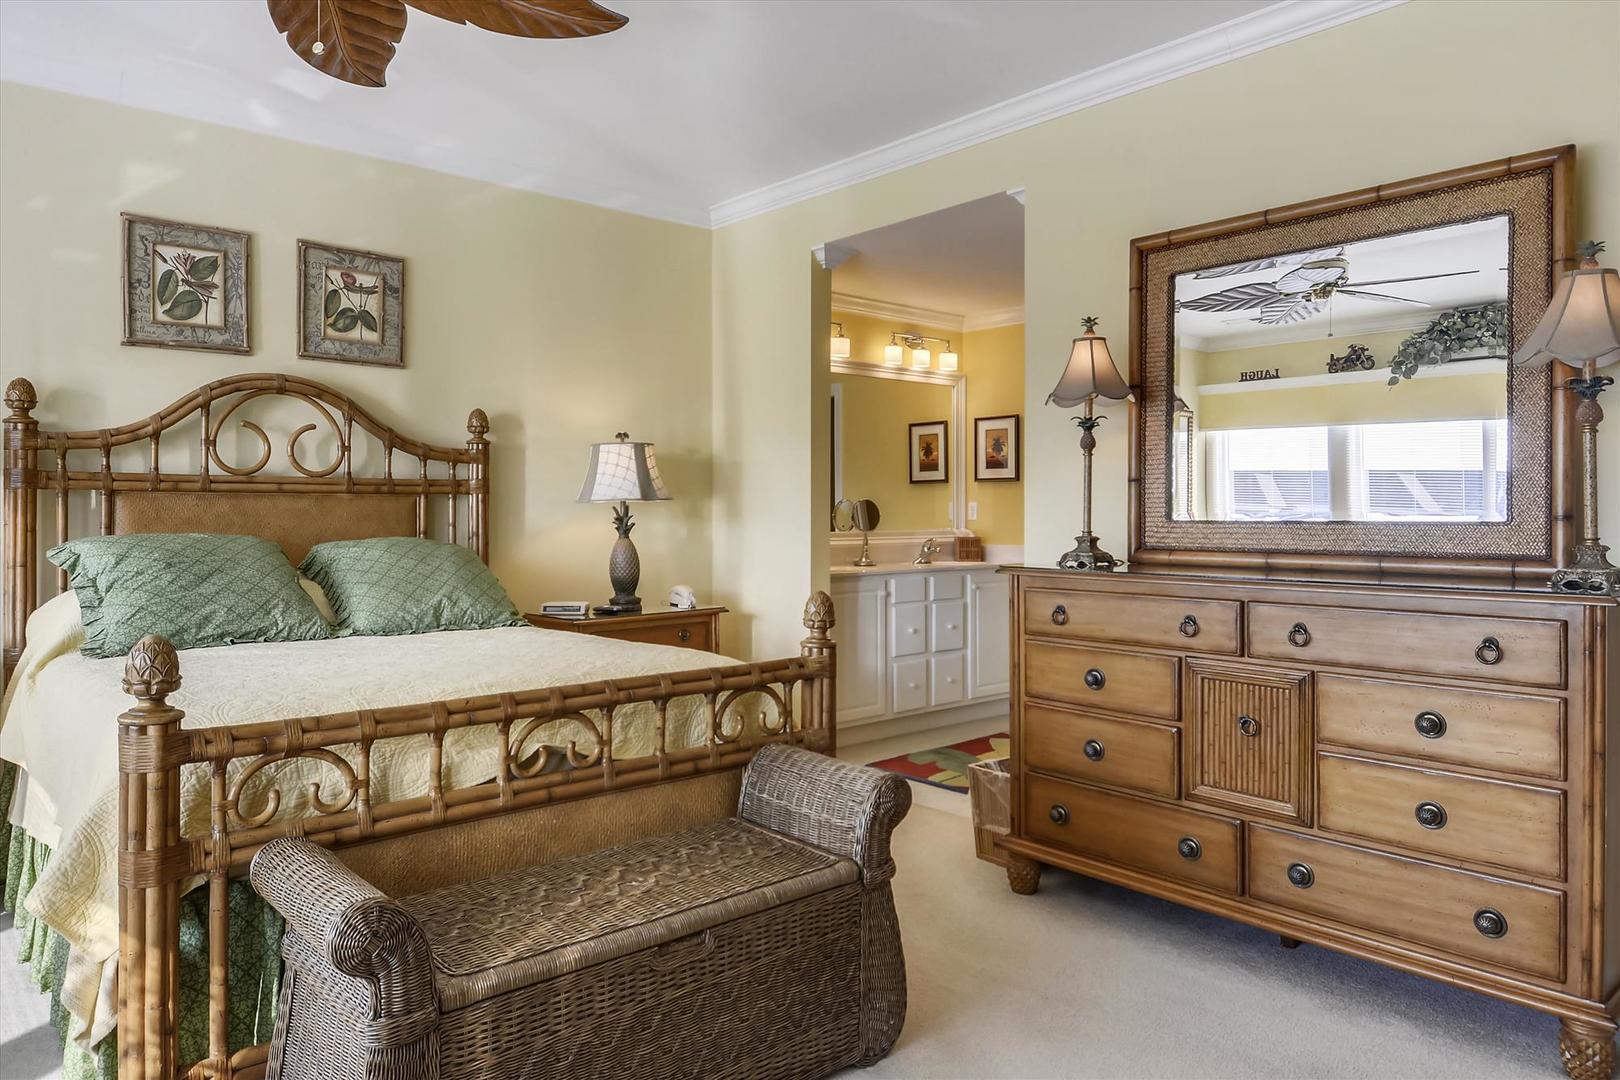 Bayville Shores 1169 - Upper Level Master Bedroom 1